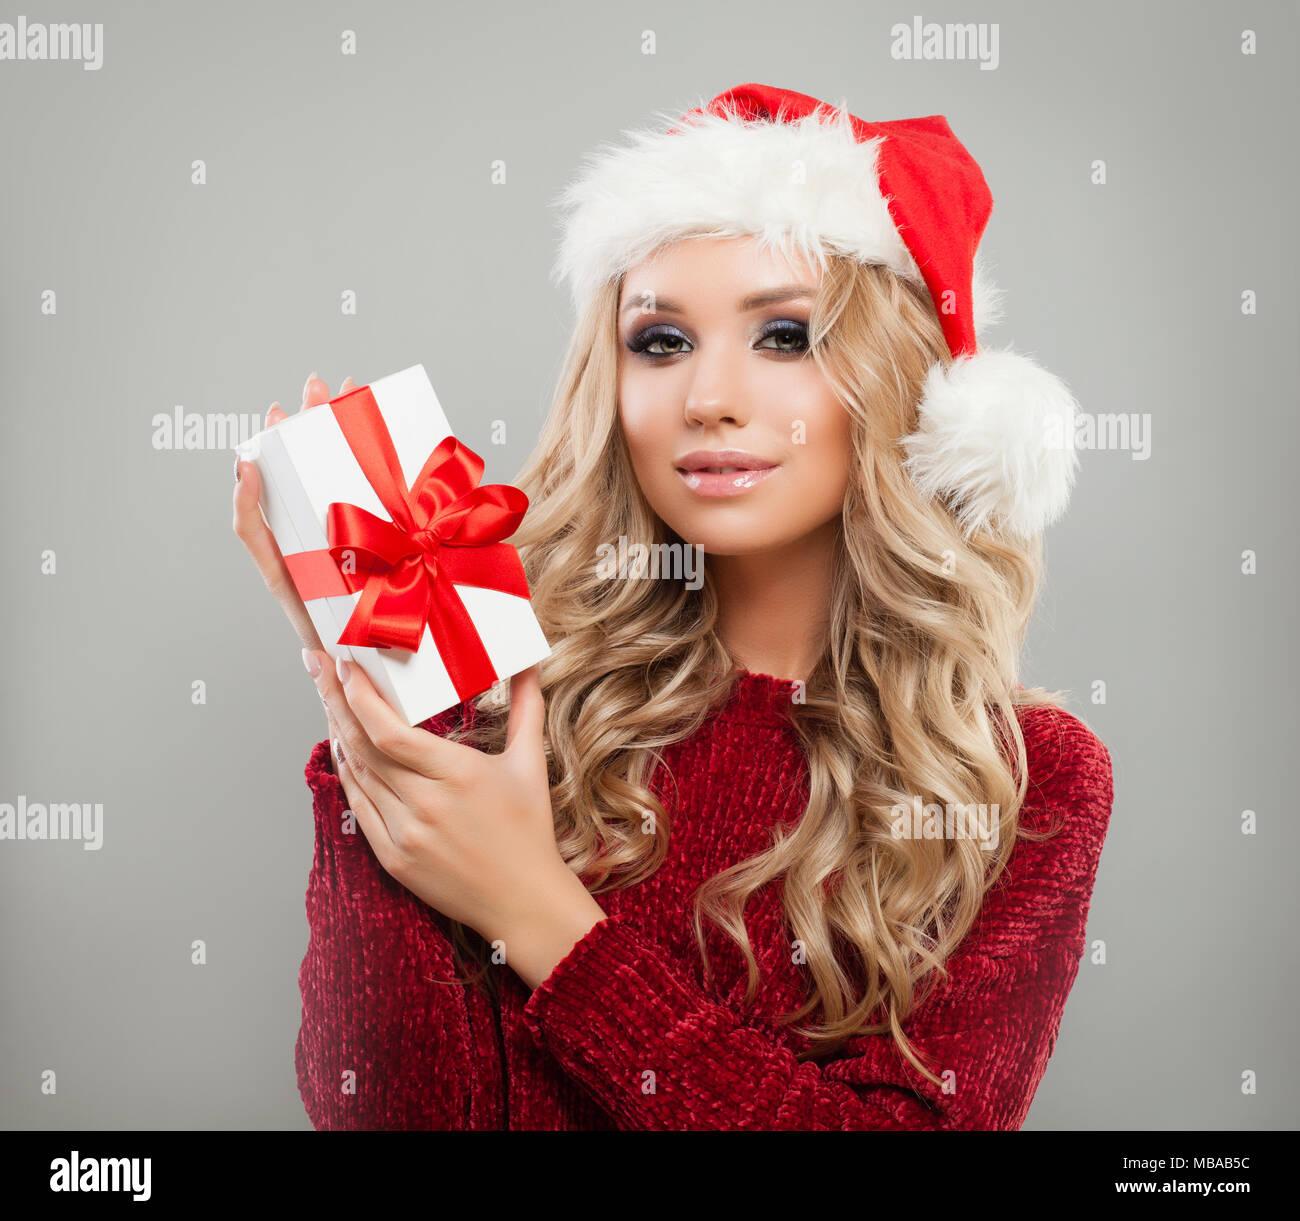 Süßes neues Jahr Frau mit Weihnachtsgeschenk auf grauem Hintergrund ...